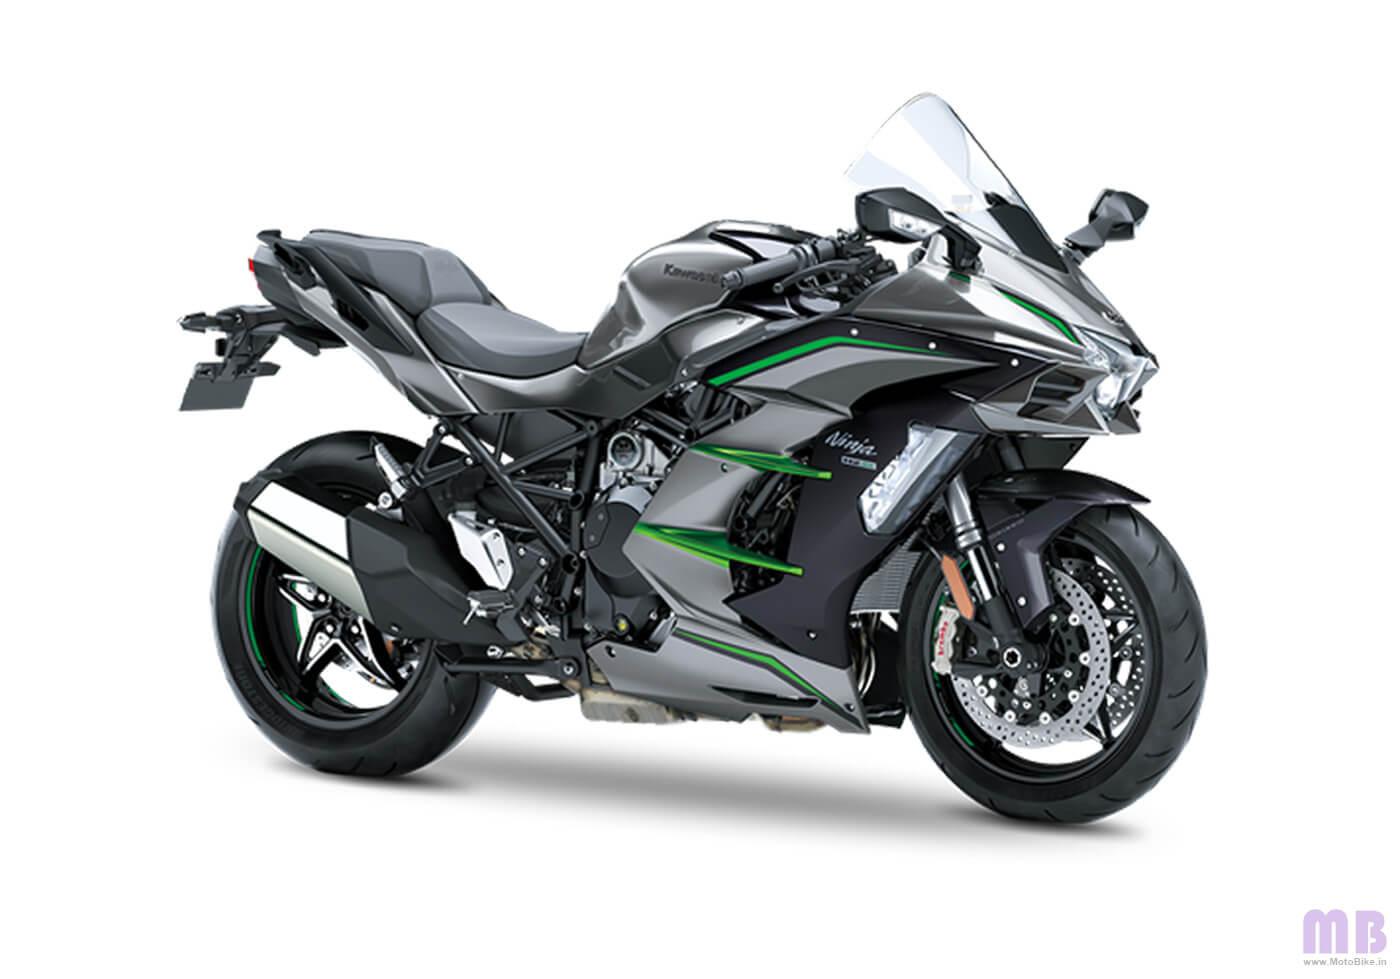 Kawasaki Ninja H2 SX SE - Metallic Graphite Gray